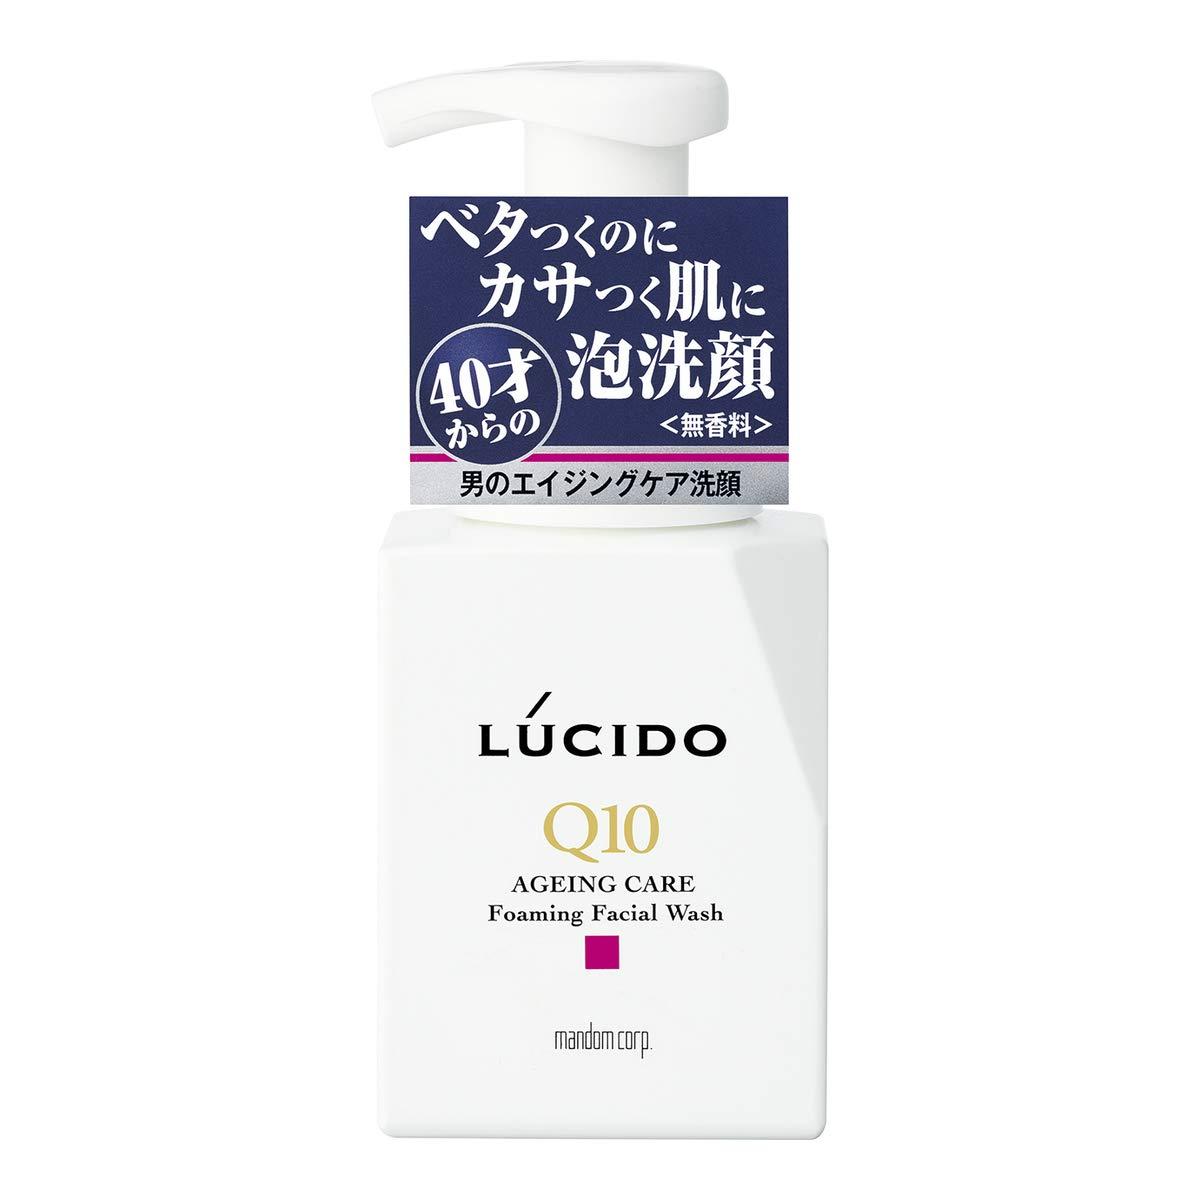 LUCIDO(ルシード) トータルケア泡洗顔 Q10のサムネイル